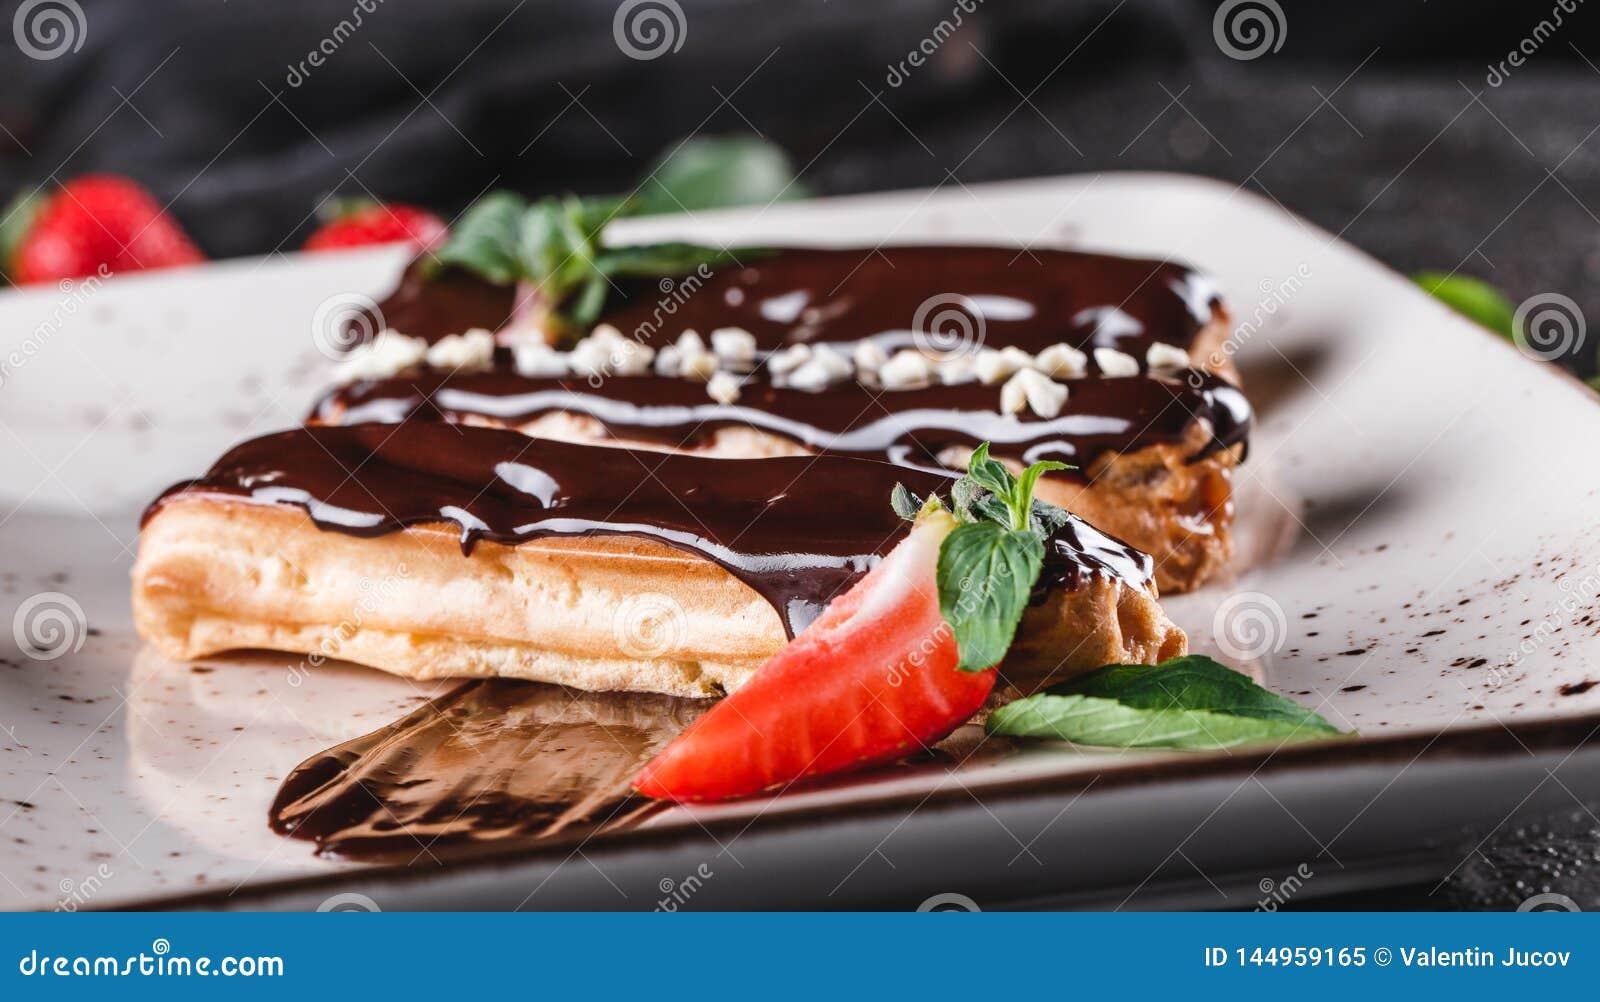 Eclairs o profiteroles hechos en casa de la torta con natillas, chocolate y fresas en el fondo oscuro servido con la taza de caf?